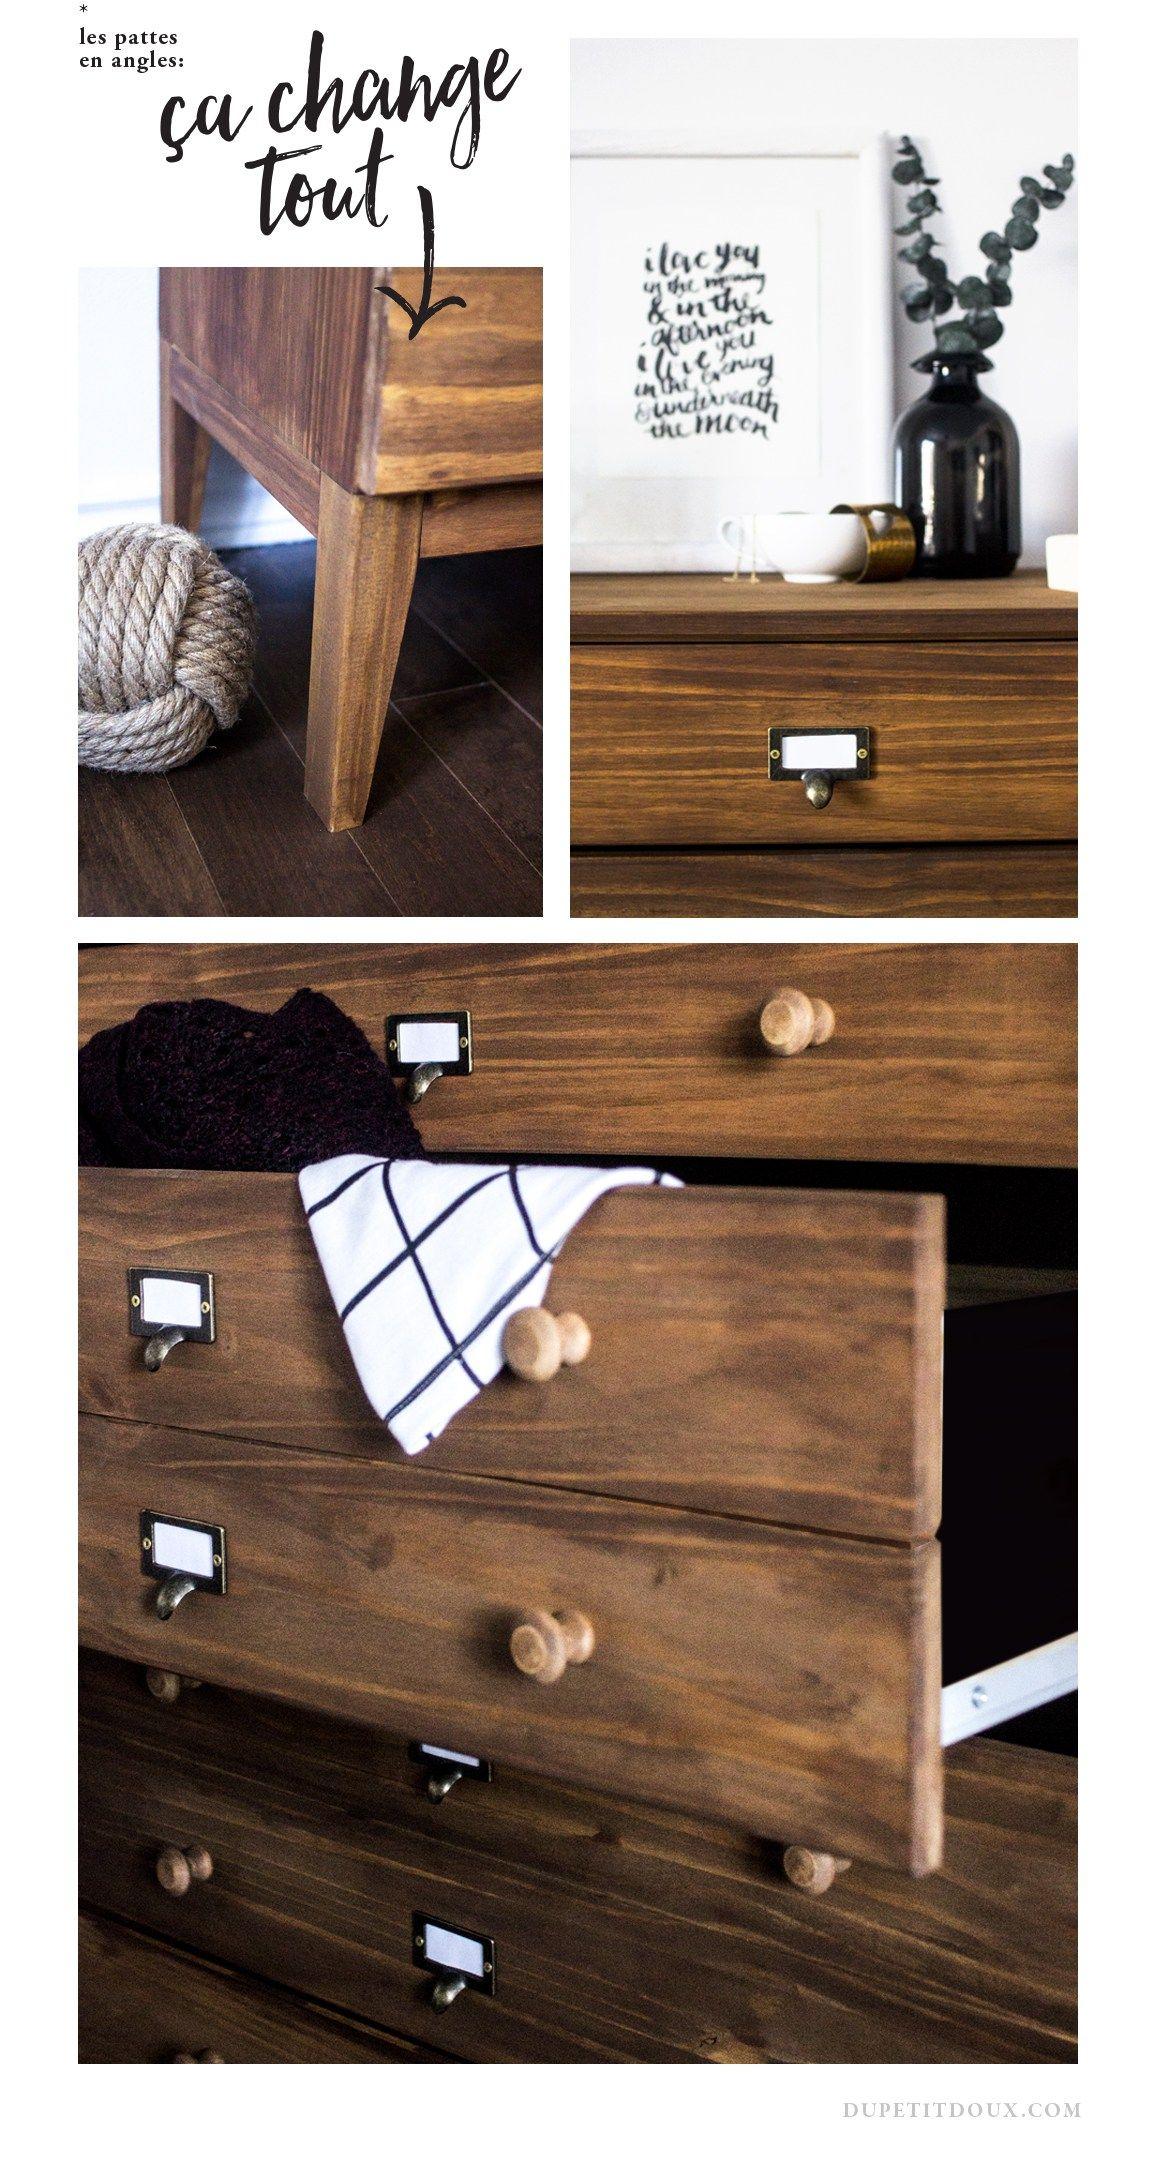 oooooh que j ai aim faire ce projet ci a fait tellement longtemps qu on avait besoin de. Black Bedroom Furniture Sets. Home Design Ideas